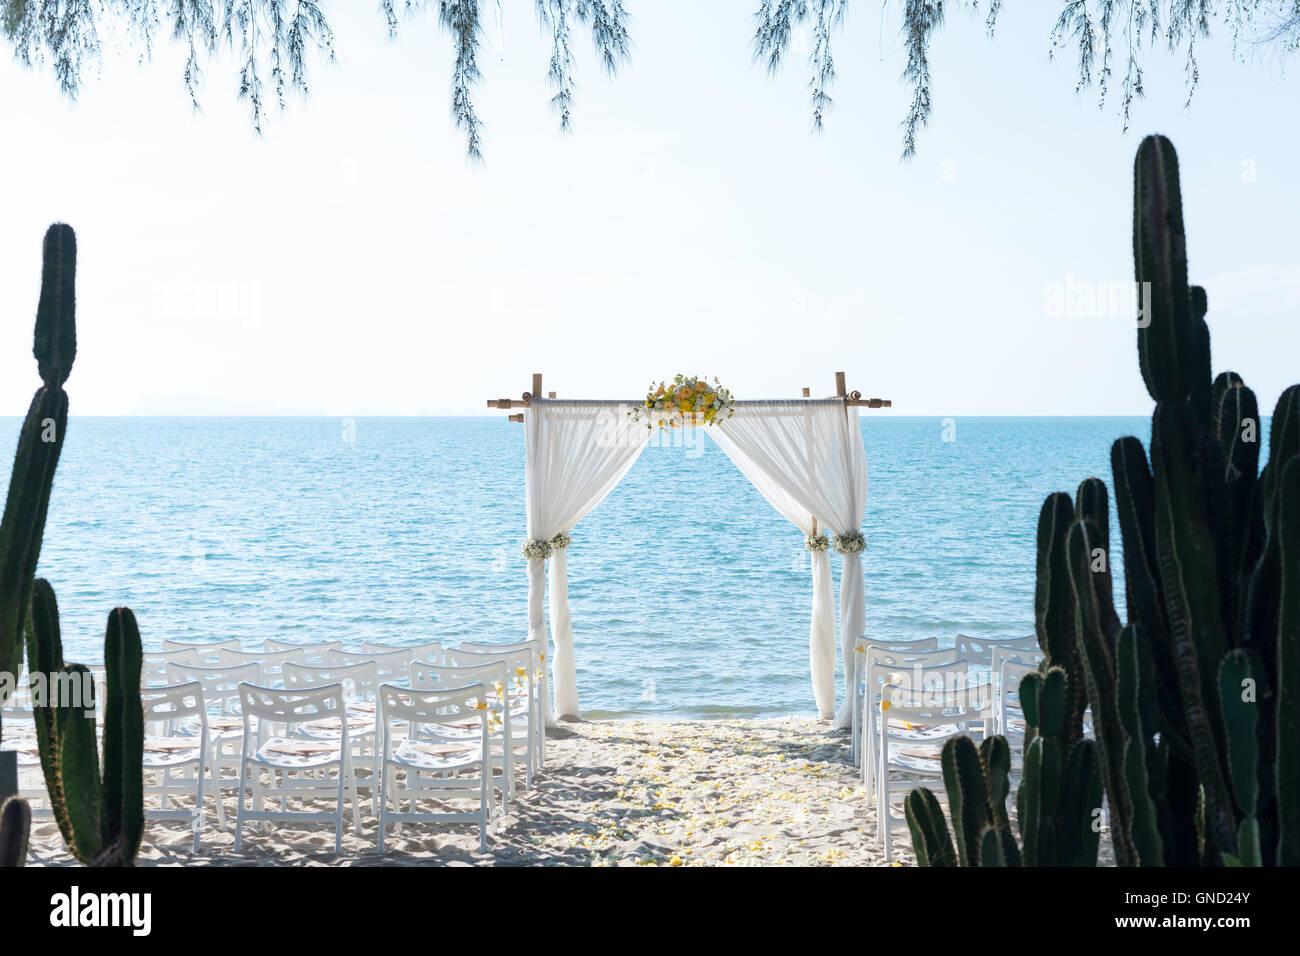 Matrimonio Spiaggia Decorazioni : Stile semplice arco per matrimoni e decorazioni sede di